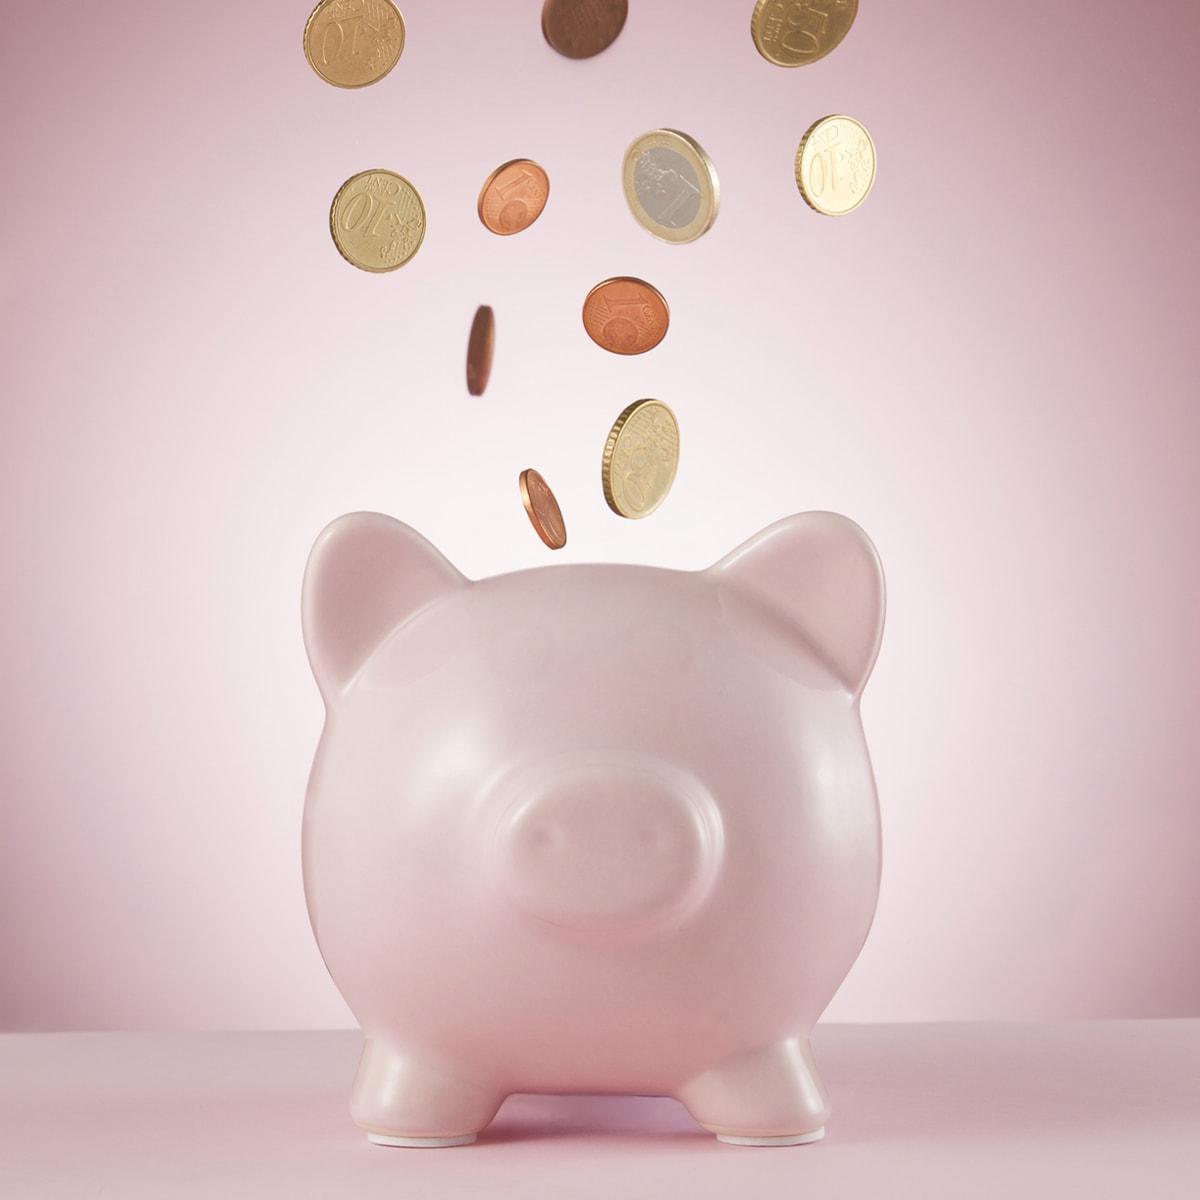 Come sottoscrivere i Btp futura 2020, il codice ISIN e il rendimento